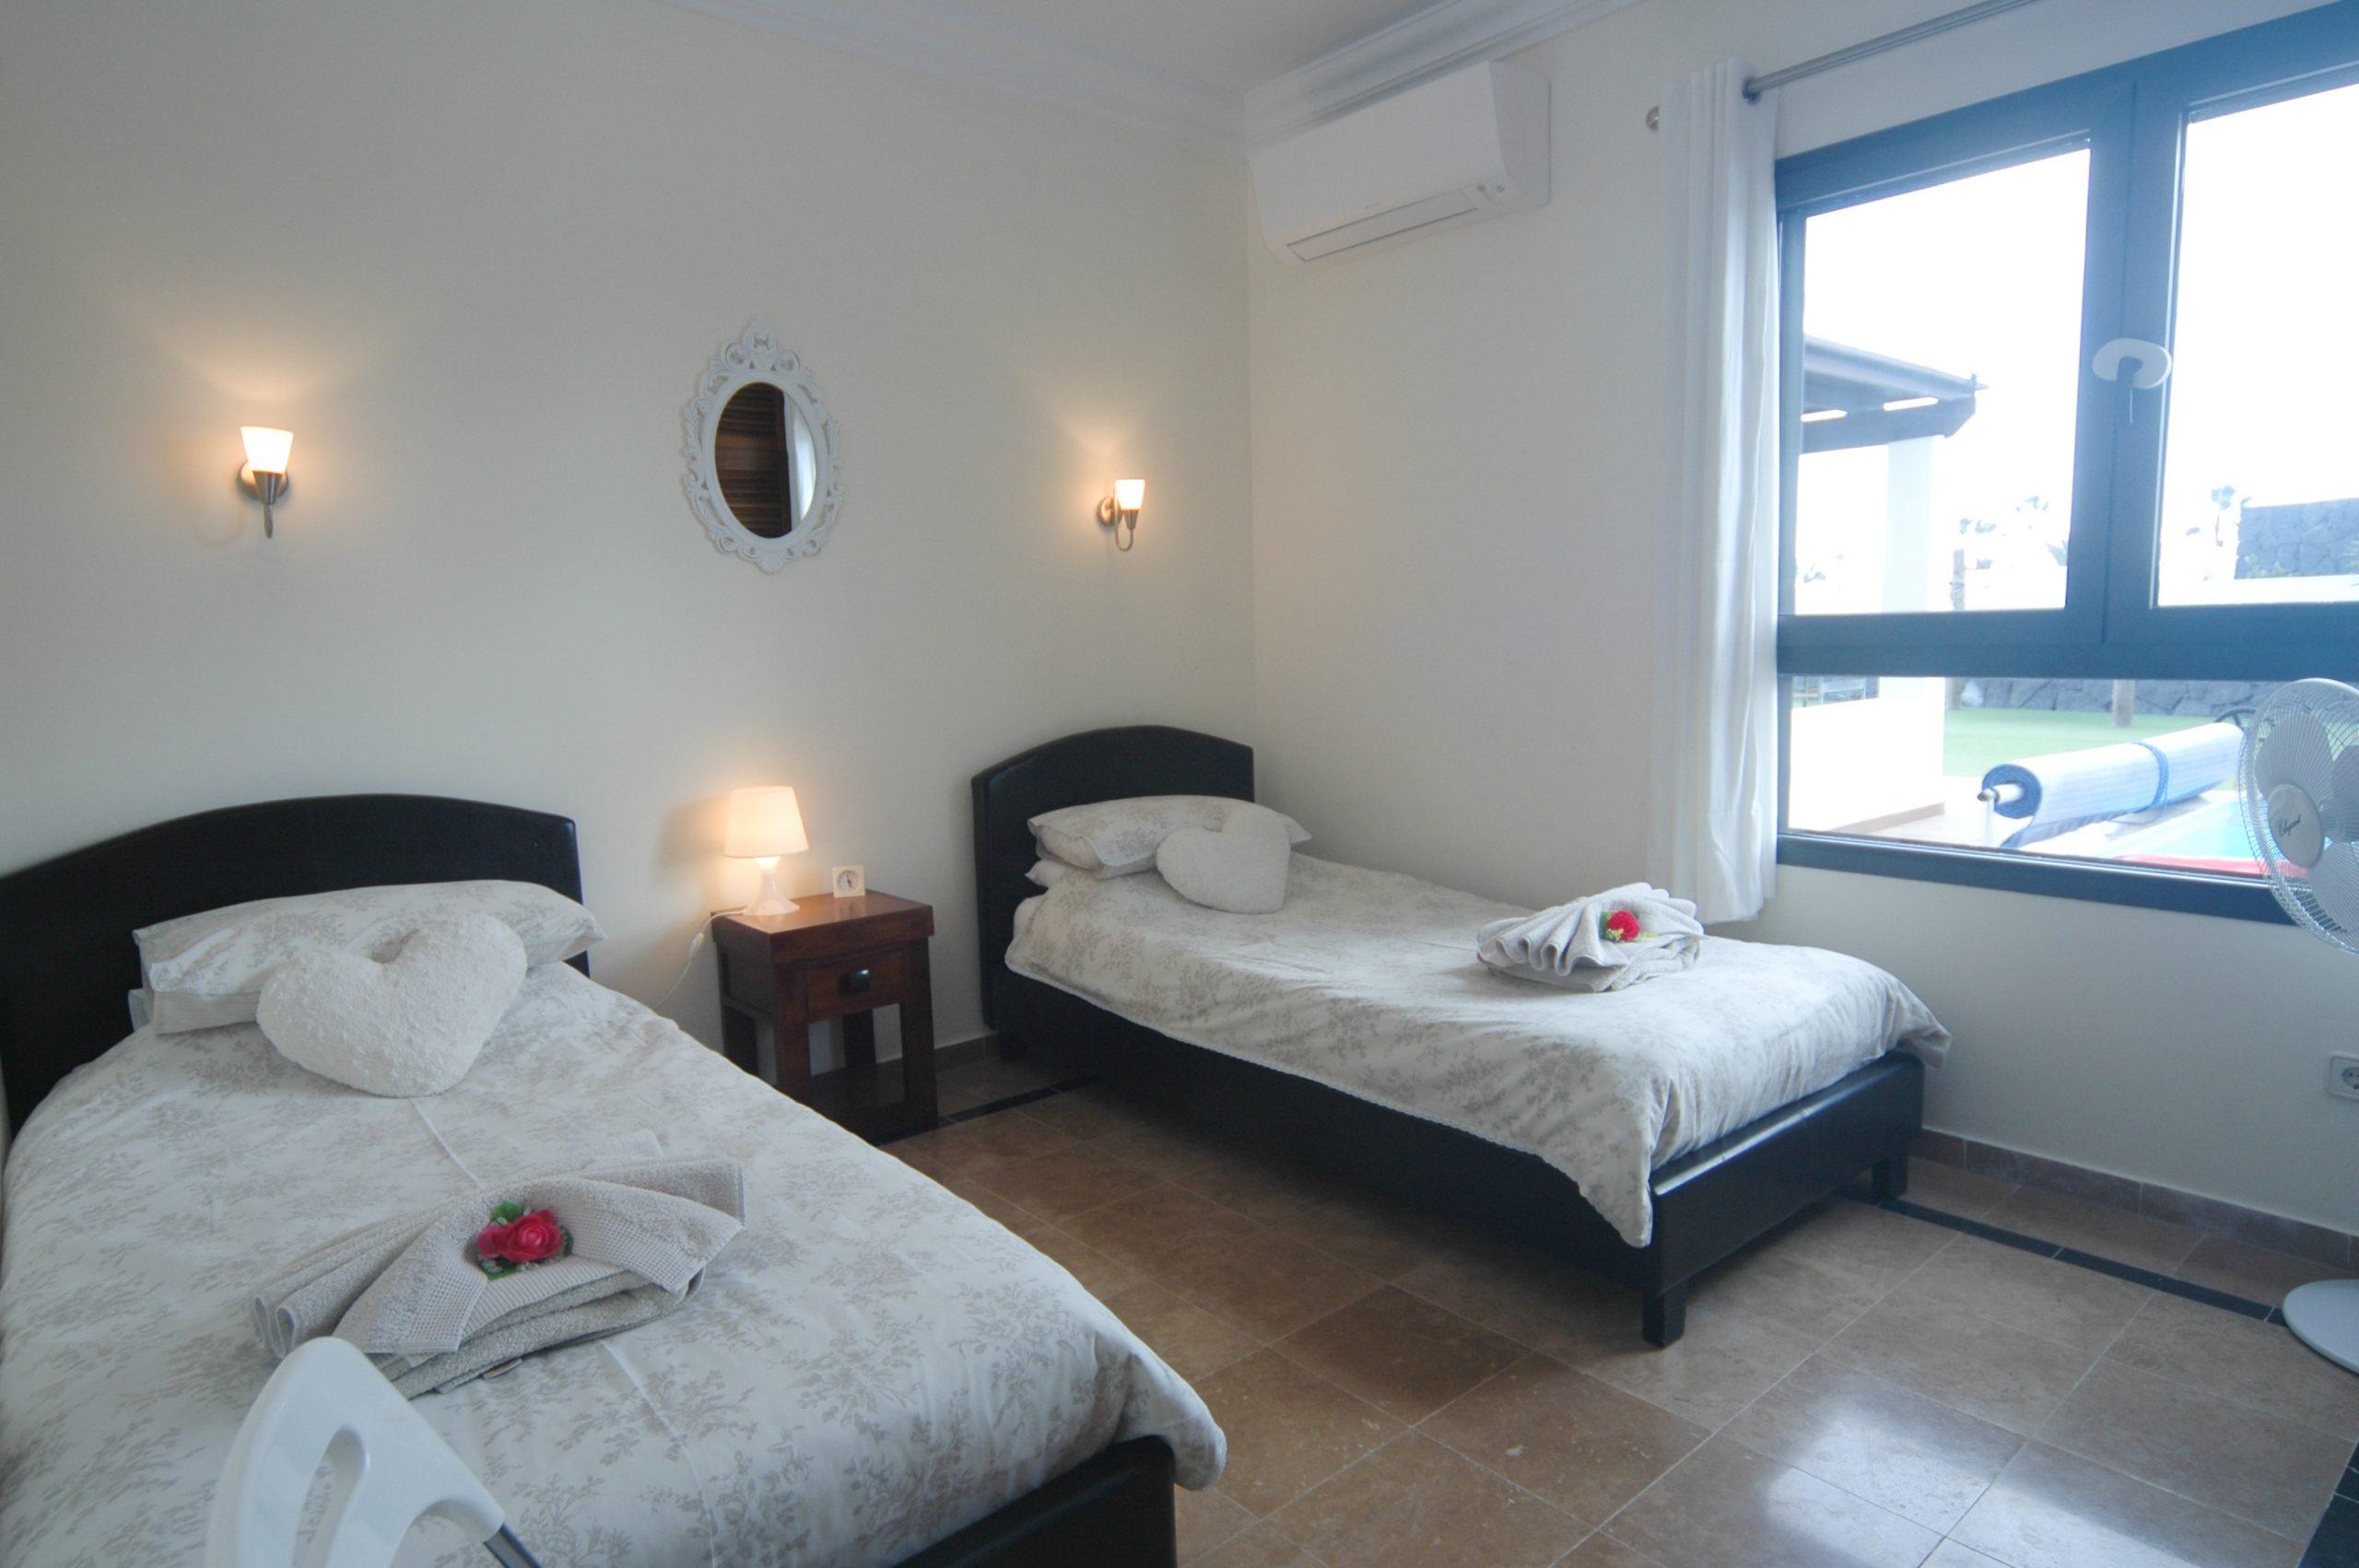 Villa_LVC338912 - Playa Blanca Villa twin bedroom with air conditioning